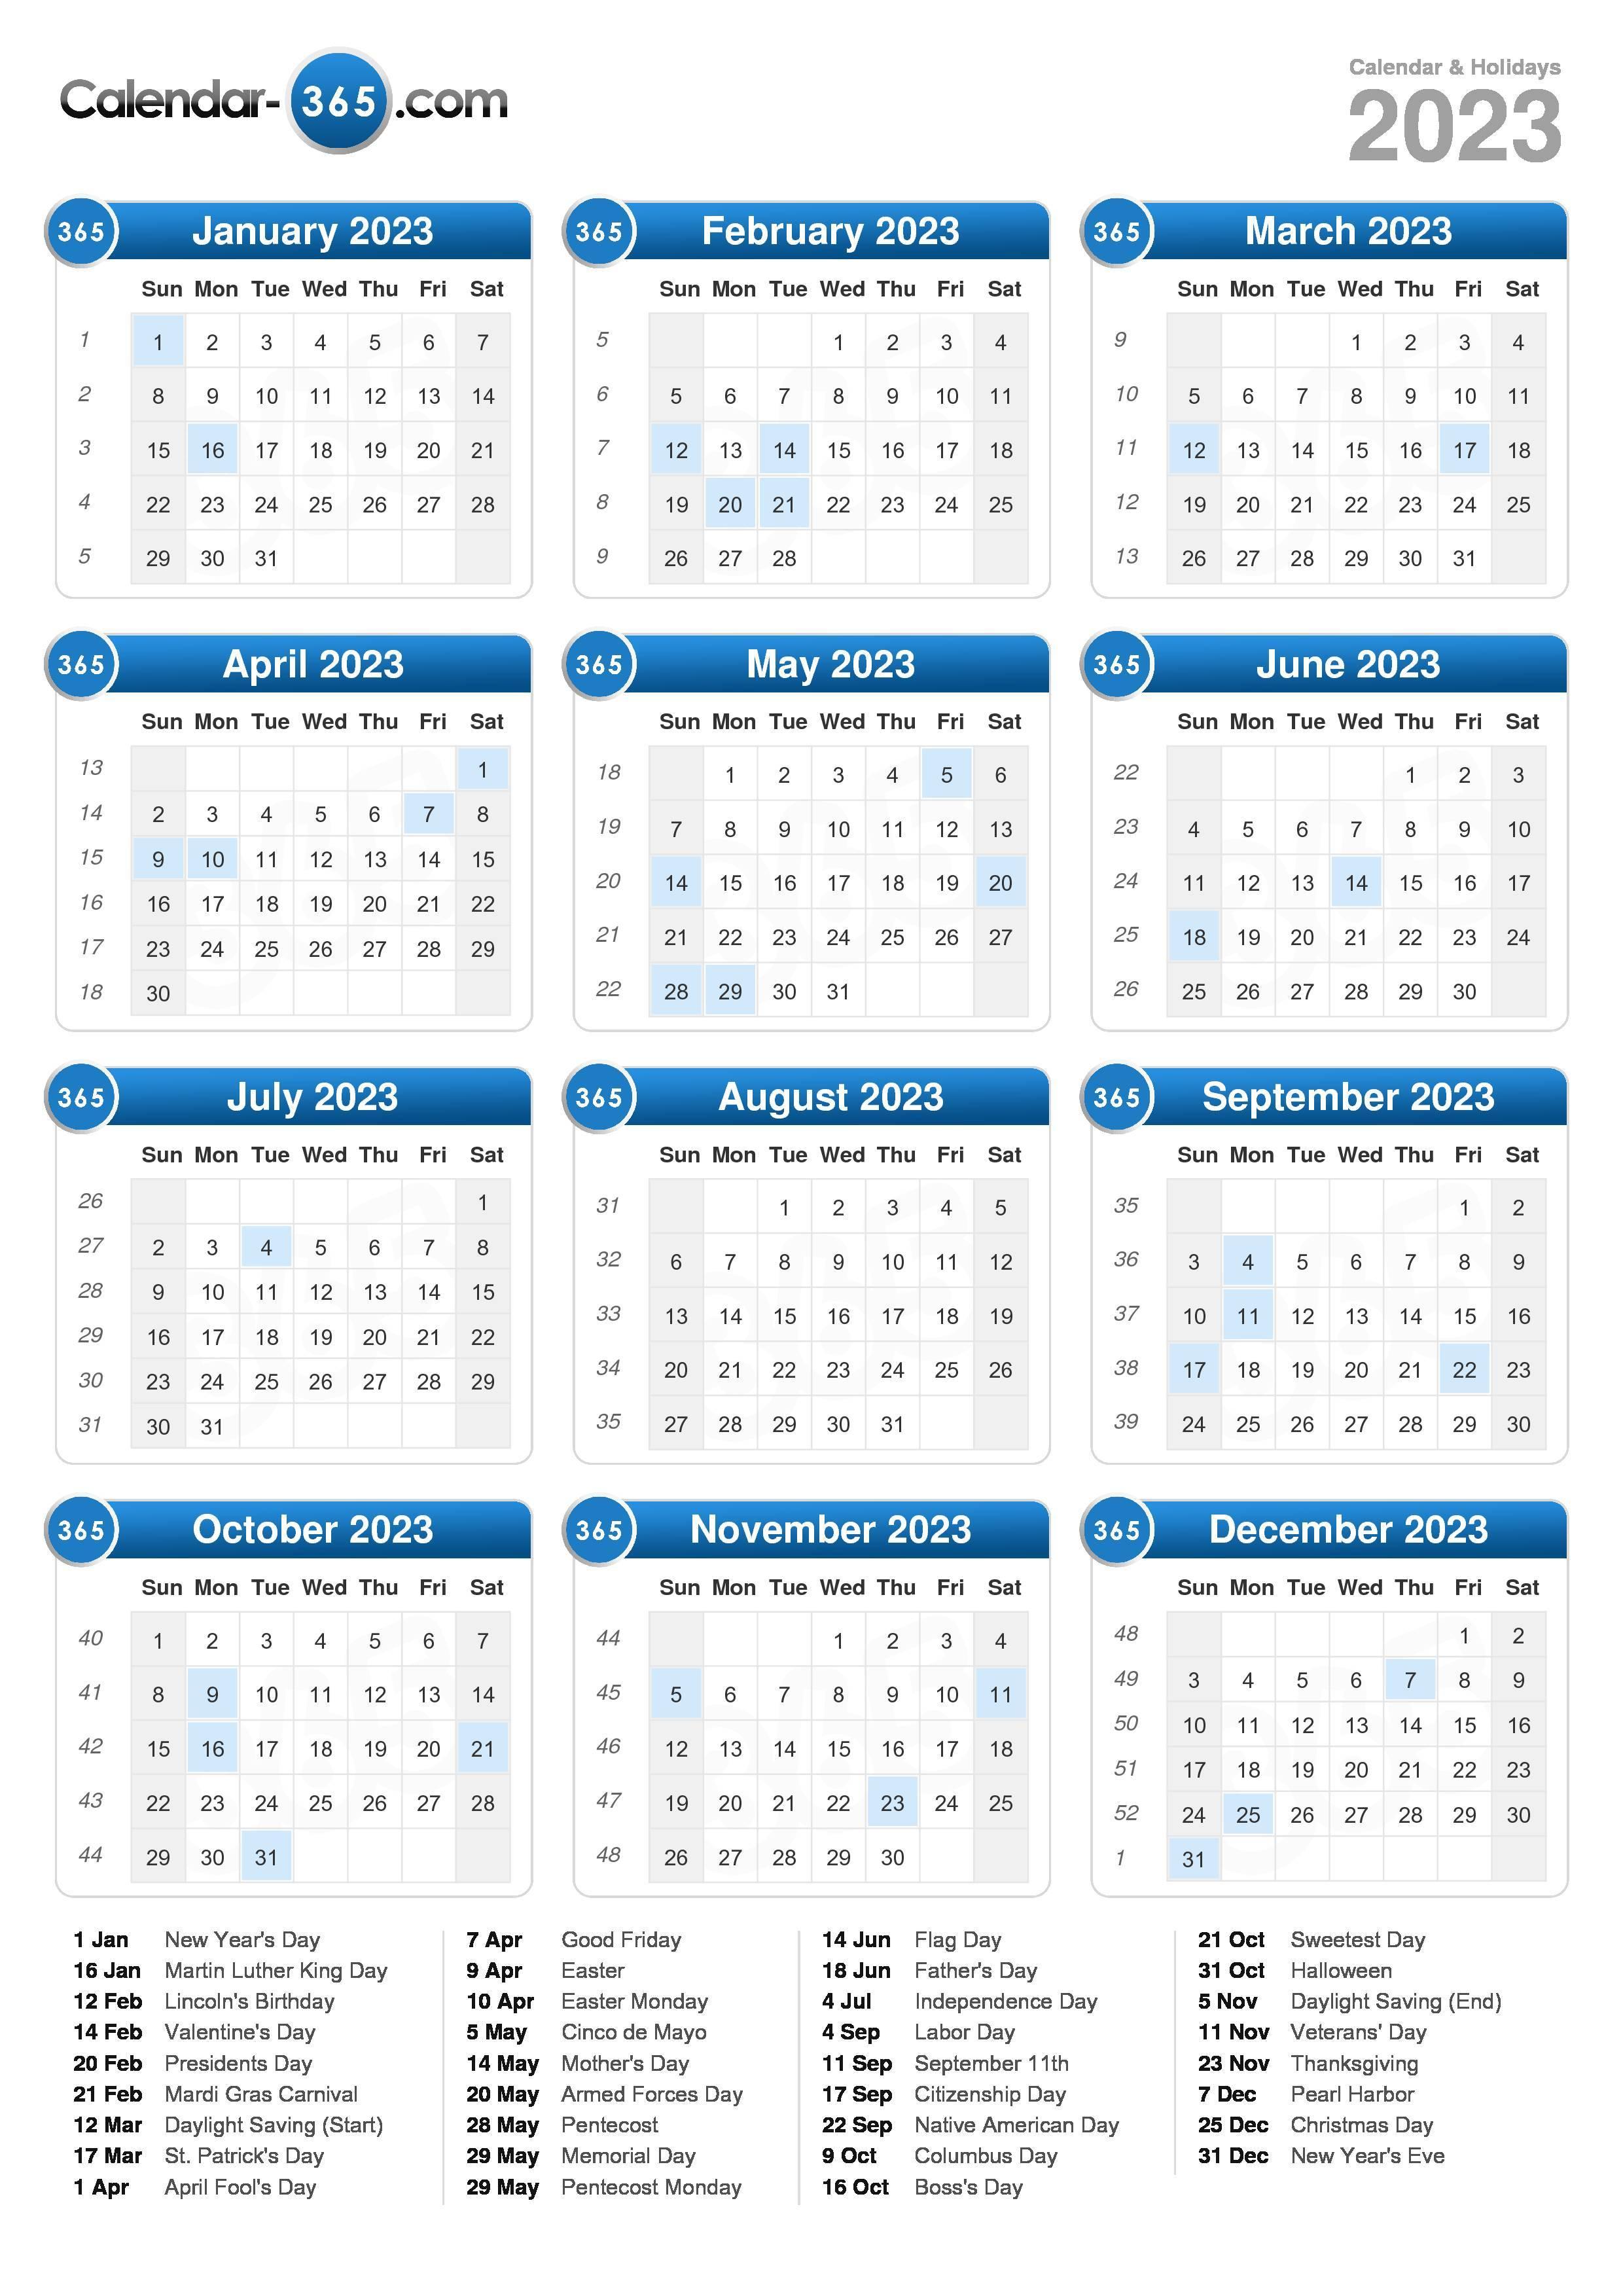 2023 calendar portrait format